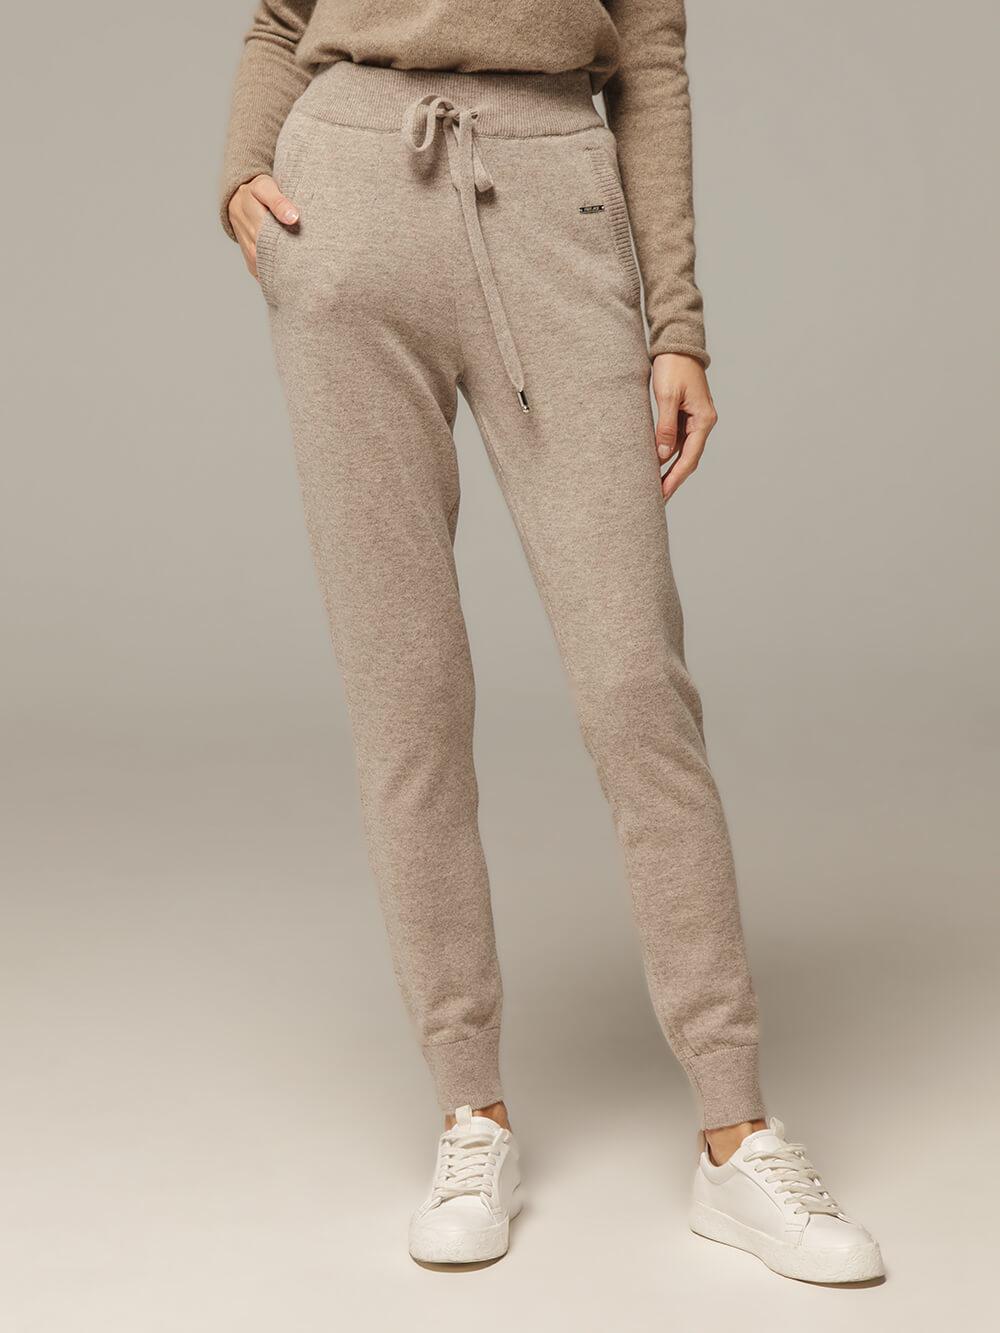 Женские брюки песочного цвета с карманами из шерсти и кашемира - фото 1